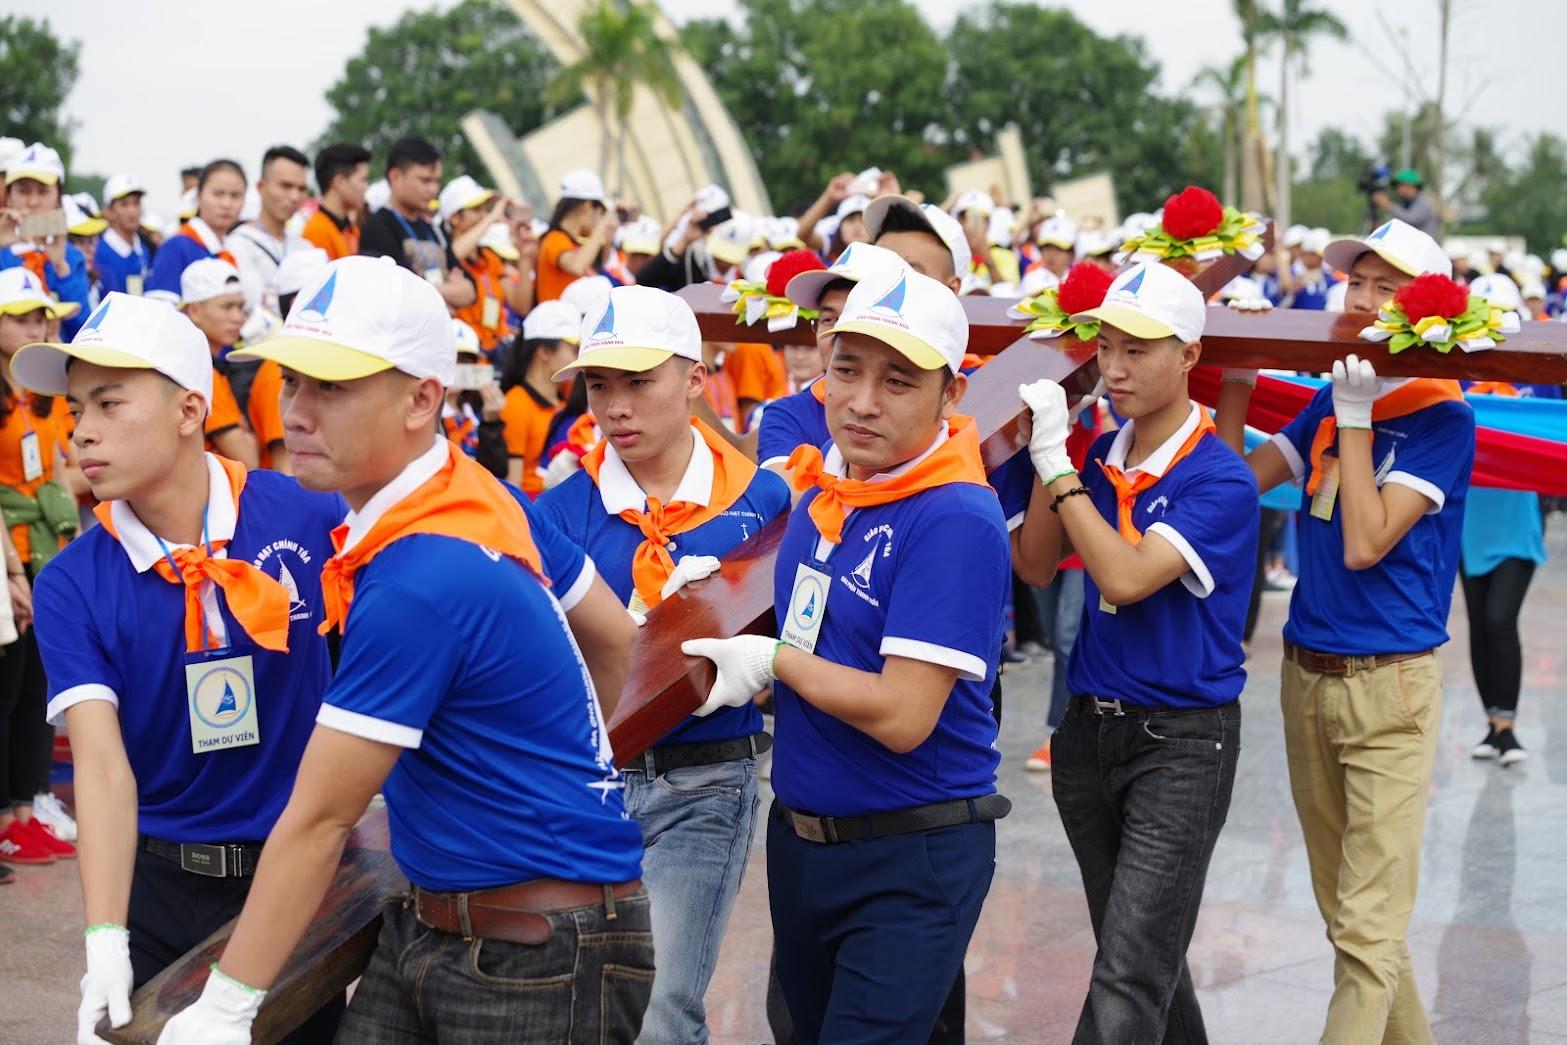 Những hình ảnh đẹp về lễ khai mạc Đại Hội Giới Trẻ giáo tỉnh Hà Nội lần thứ XV tại Thanh Hóa - Ảnh minh hoạ 31